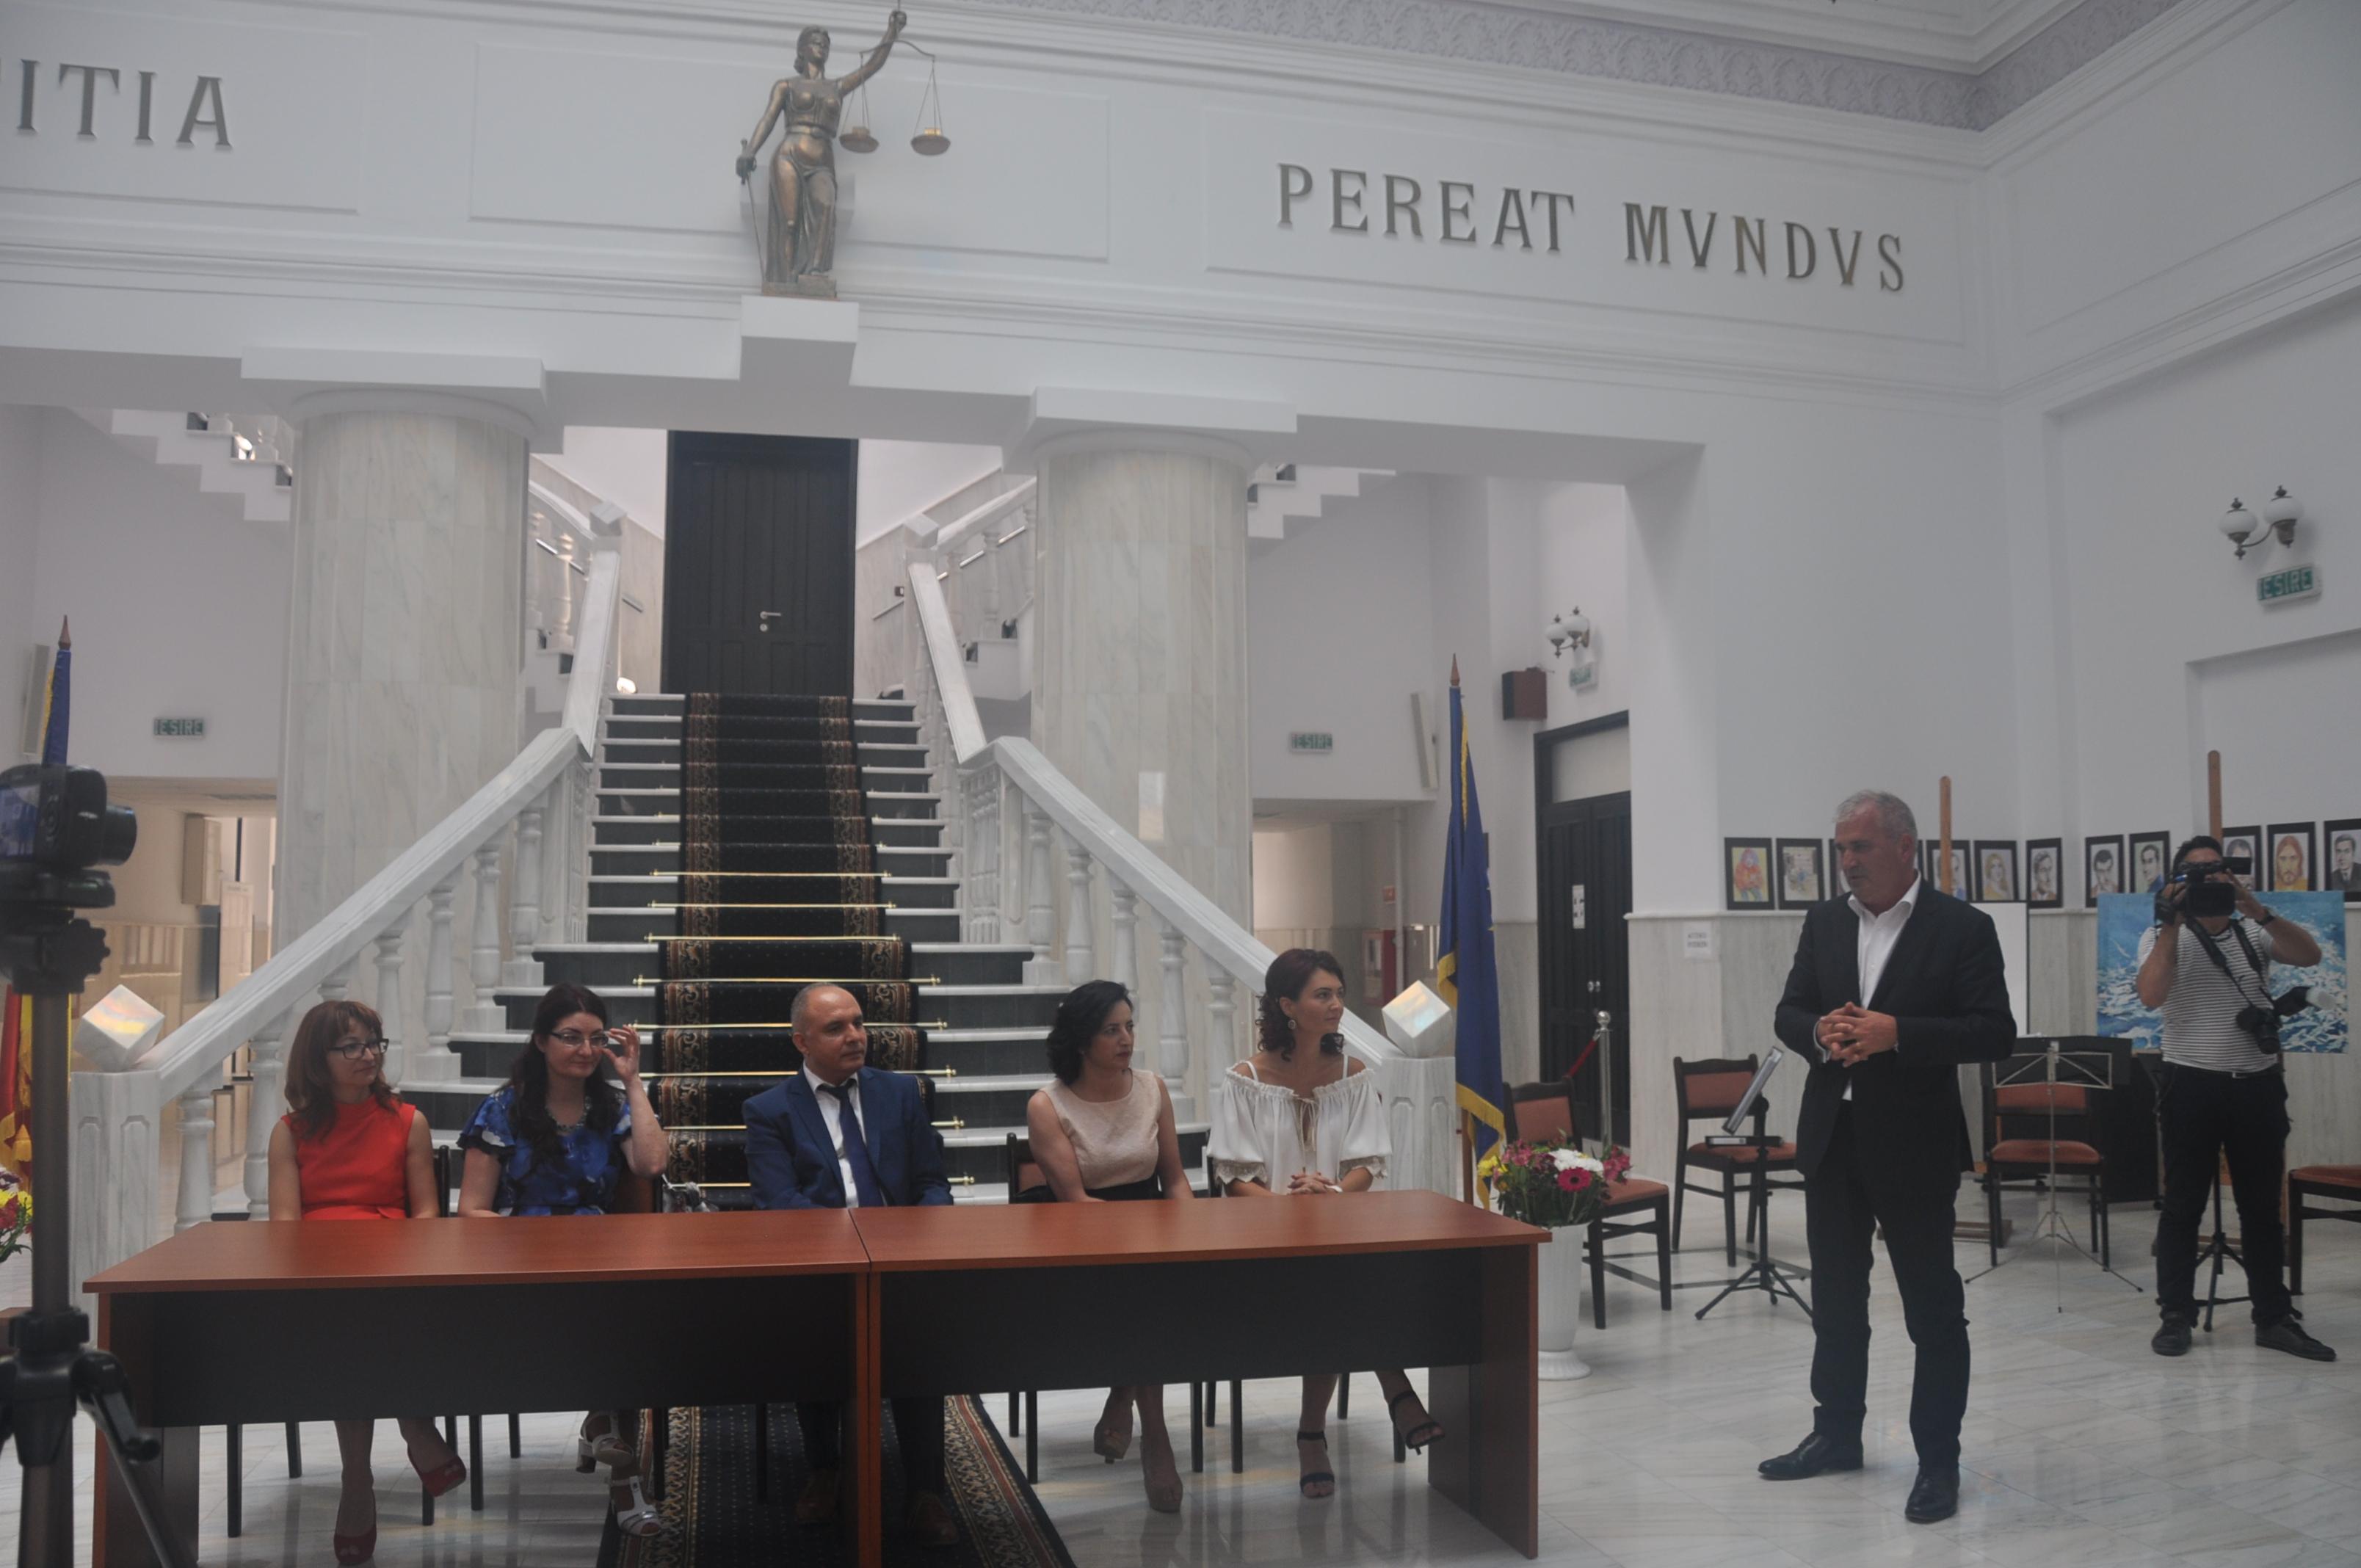 Avem o Zi a Justiţiei stabilită prin lege. Află ce rol au jucat argeşenii în evoluţia Justiţiei româneşti